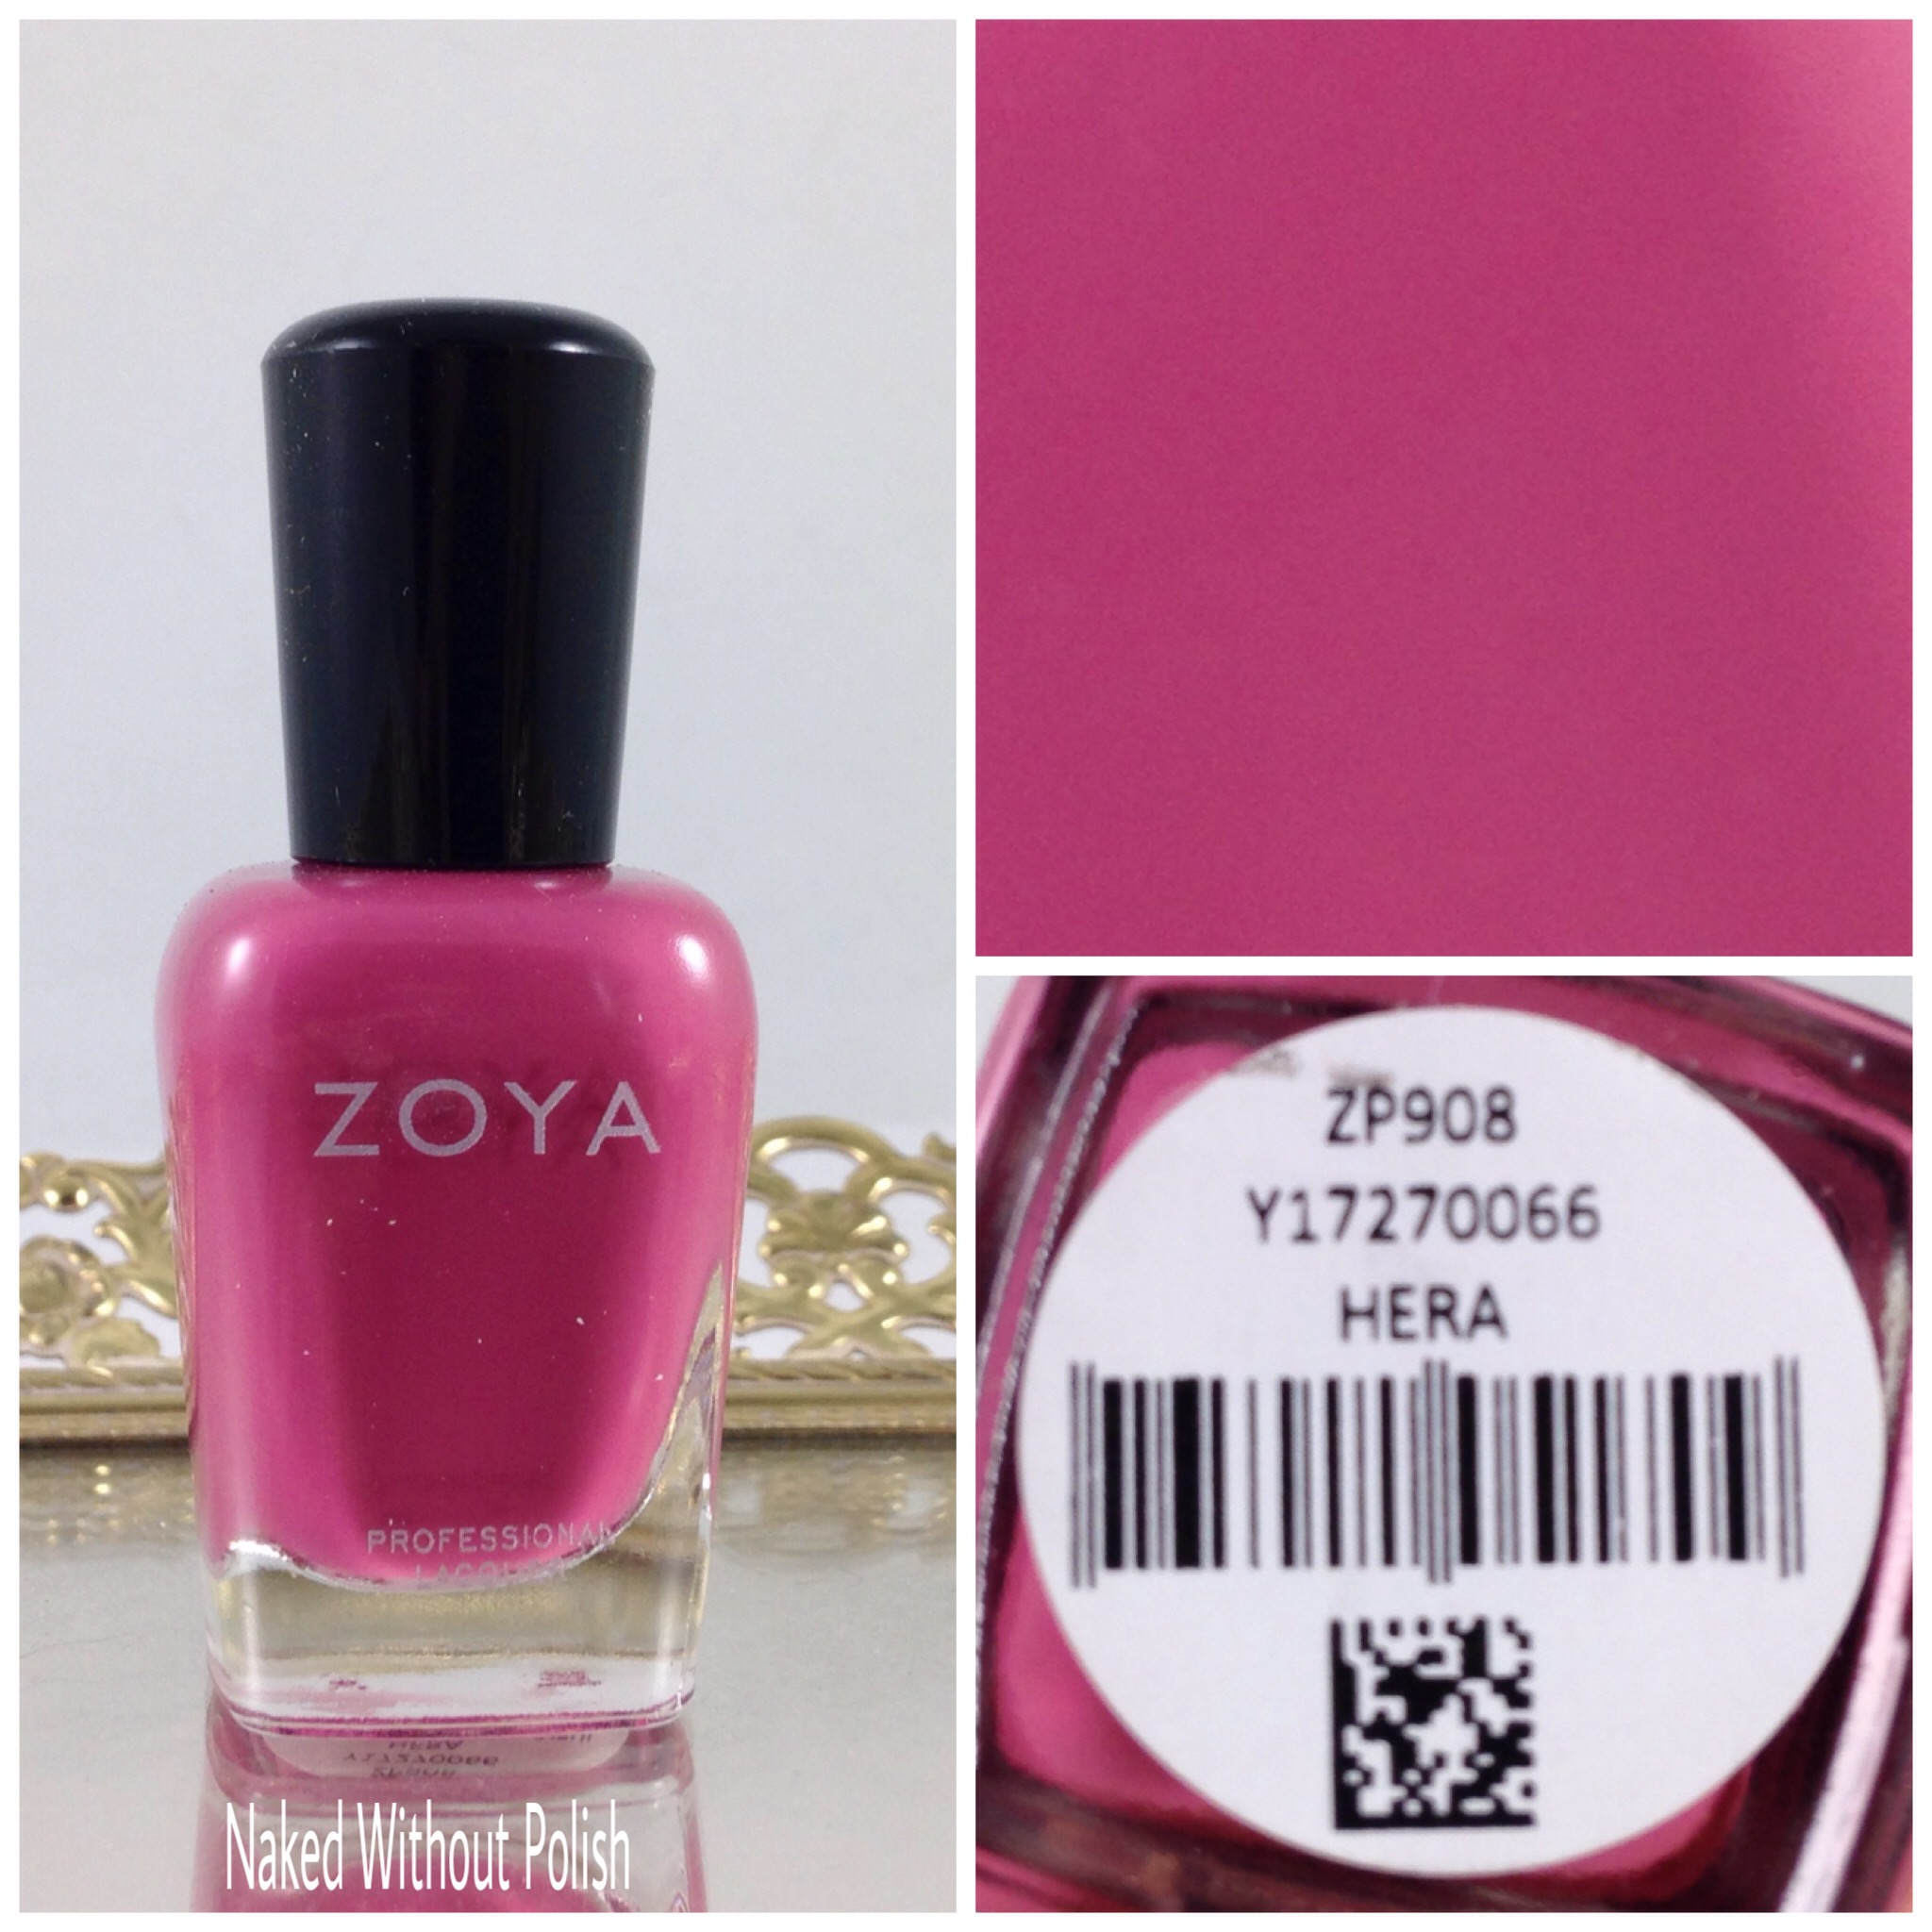 Zoya-Hera-1